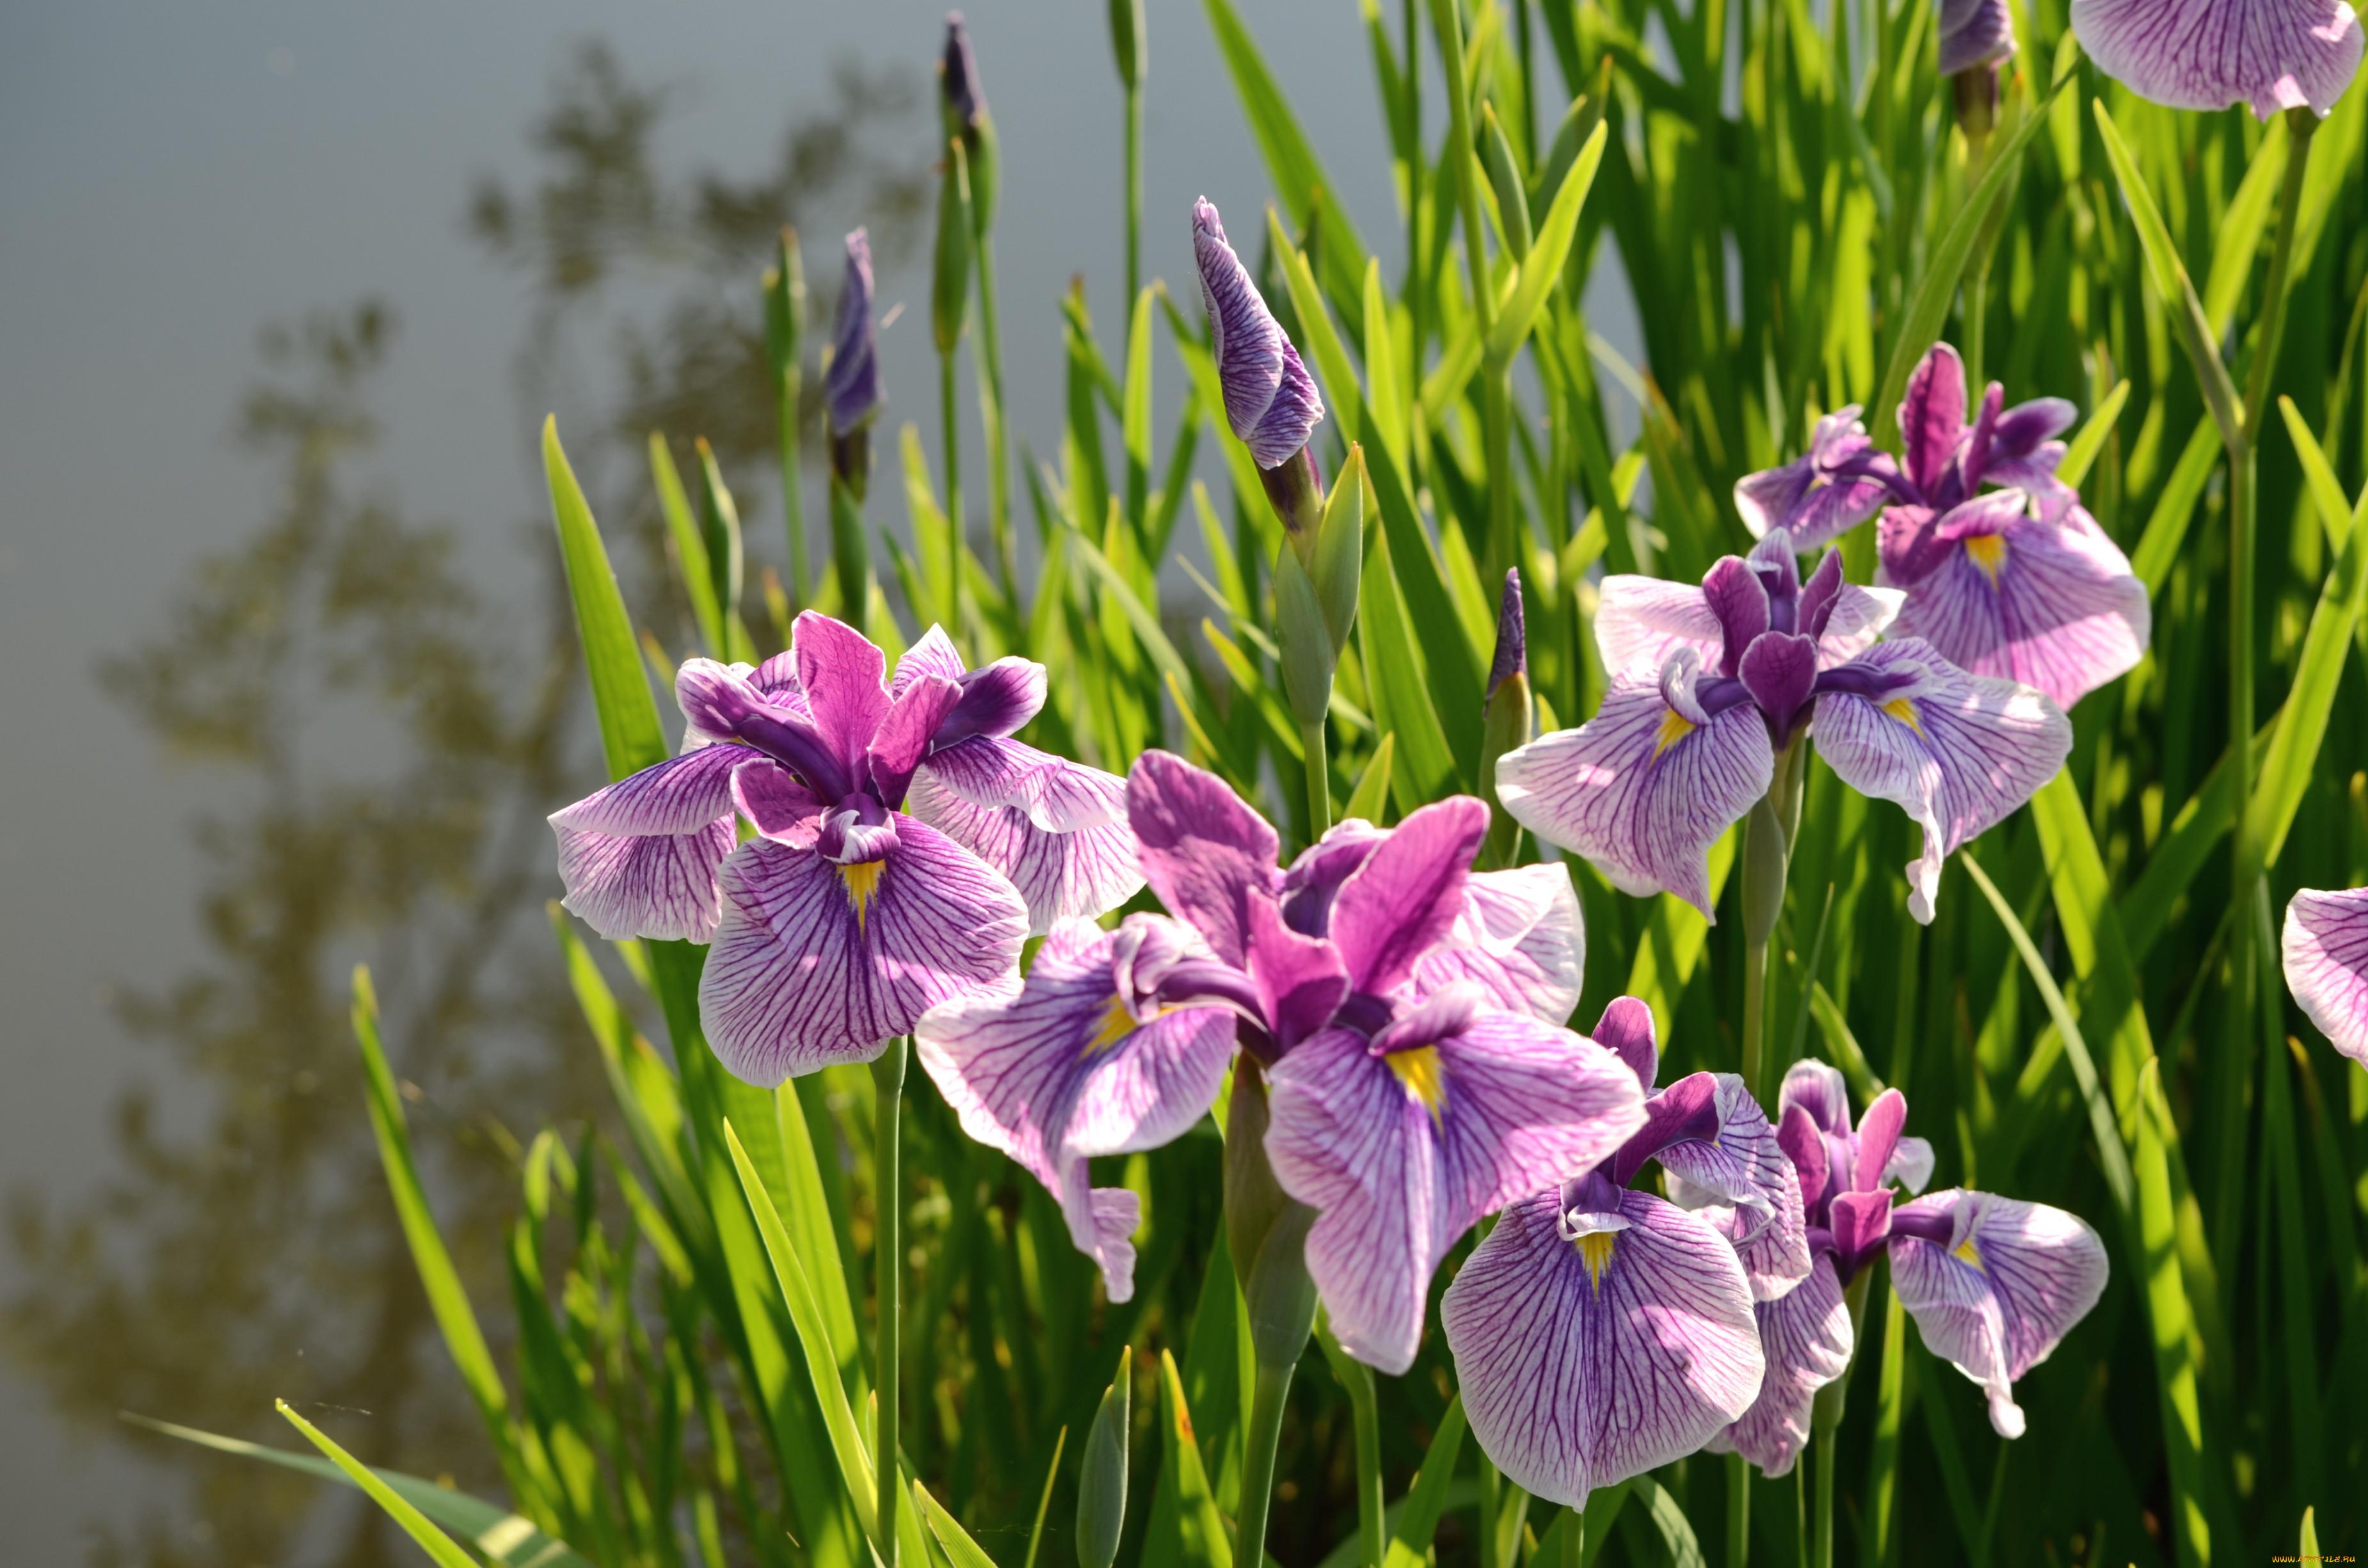 Ирисы (88 фото): посадка и уход за цветком в открытом грунте весной. как рассаживать петушки? как выглядят? каких цветов бывают касатики?